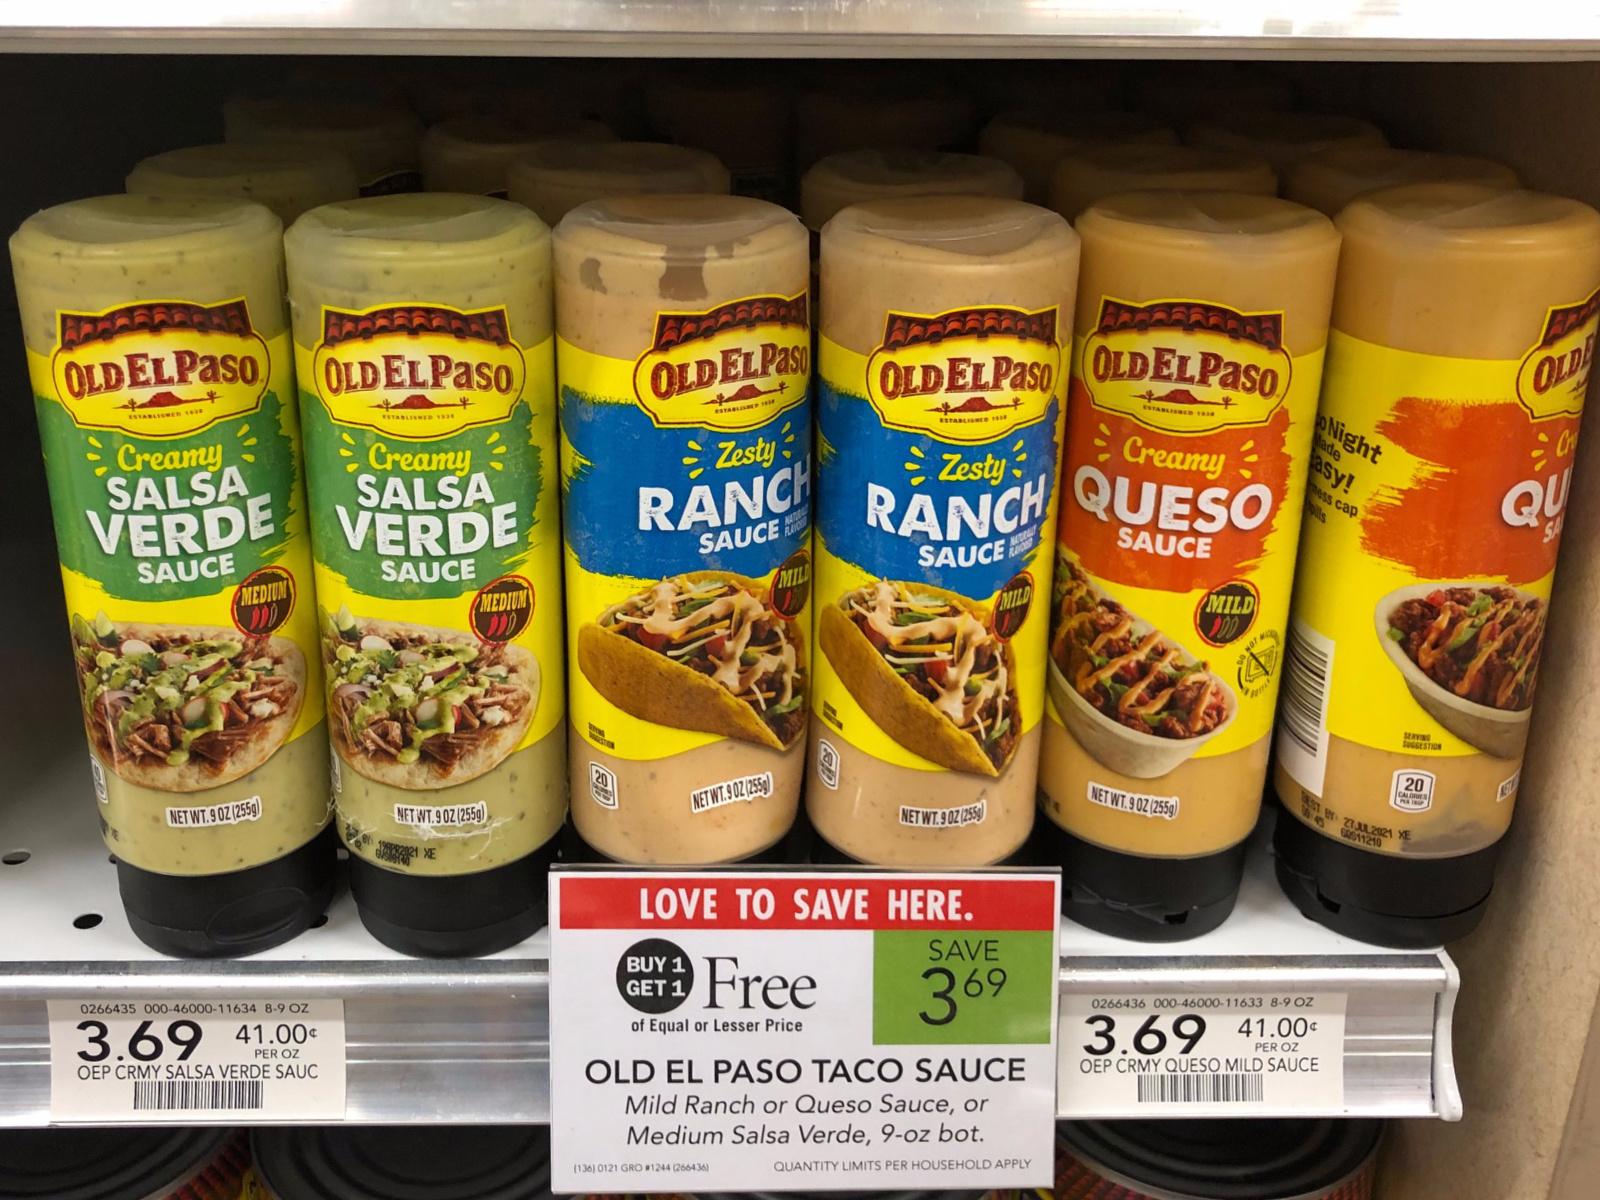 Old El Paso Taco Sauce Just 85¢ At Publix on I Heart Publix 1